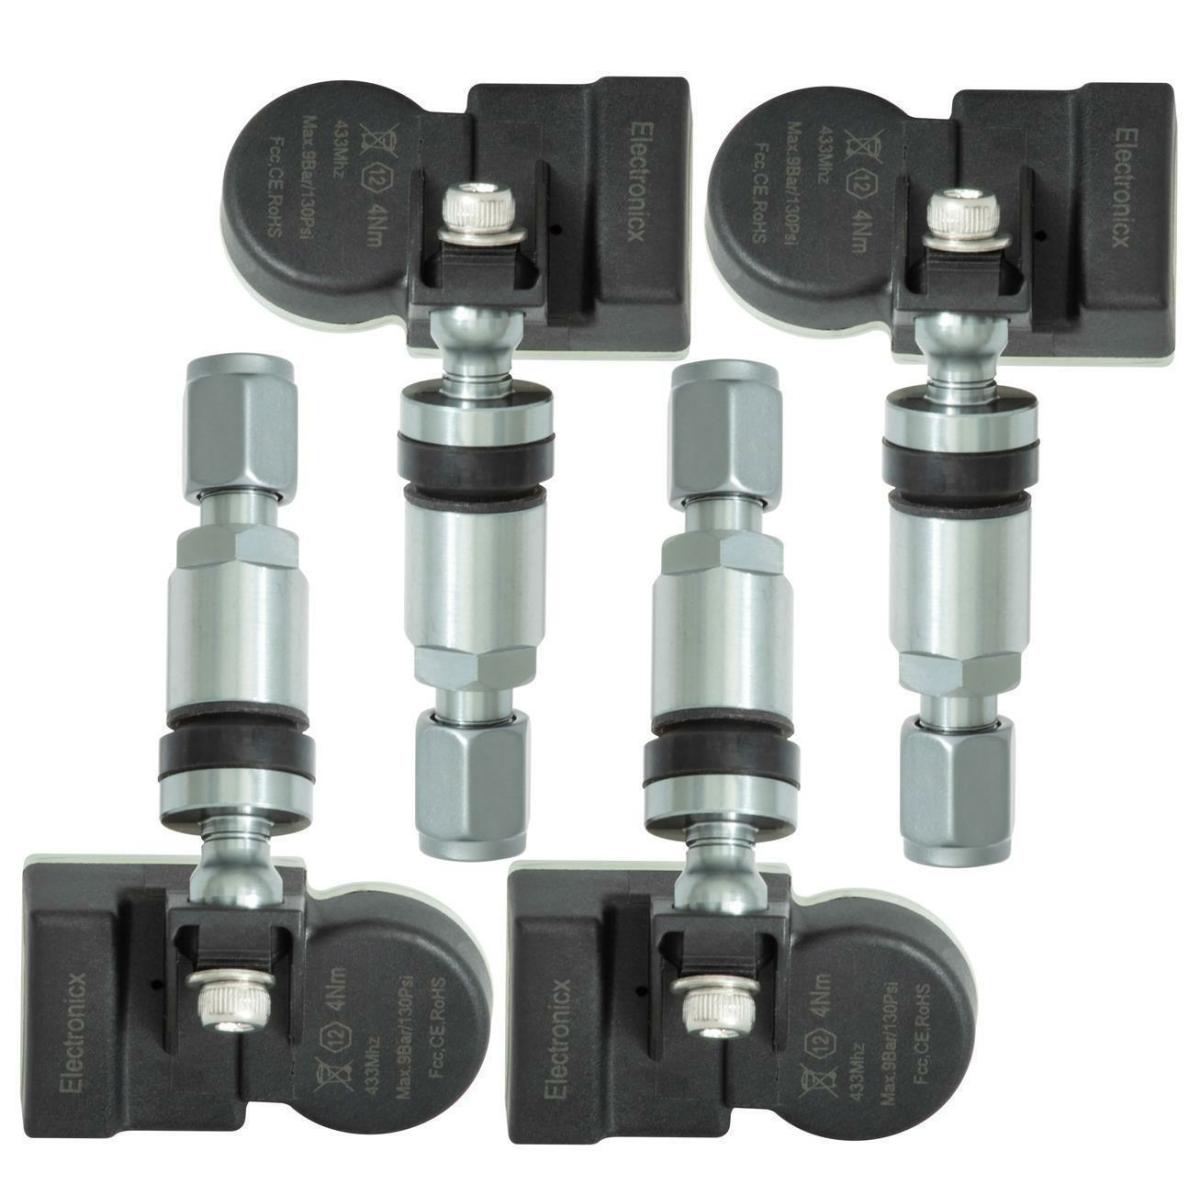 4x TPMS capteurs de pression des pneus valve métallique Gris foncé pour Peugeot Citroën Toyota DS DS4